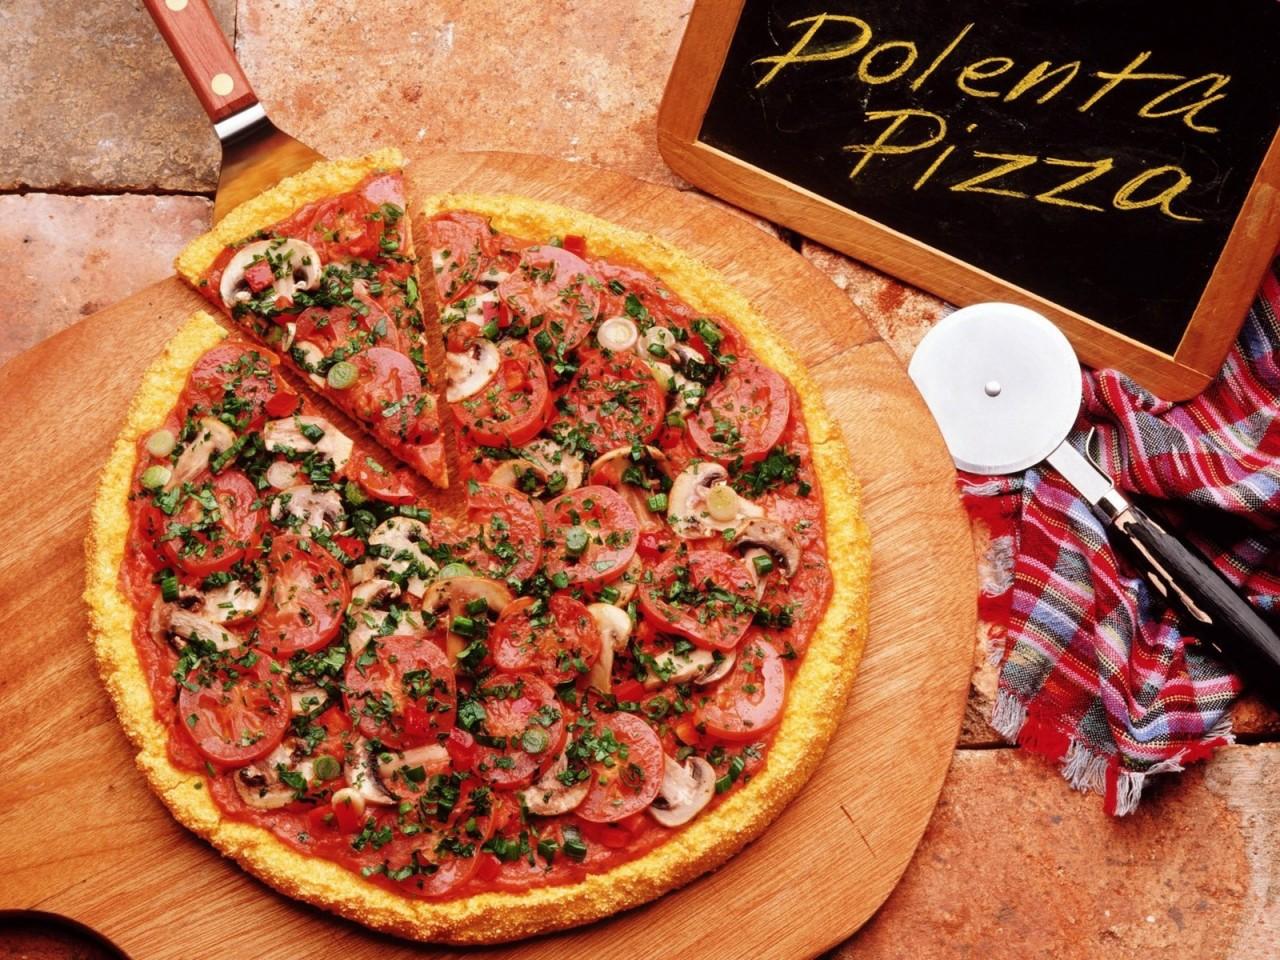 Выпечка, сыр и пицца: все секреты и технология приготовления